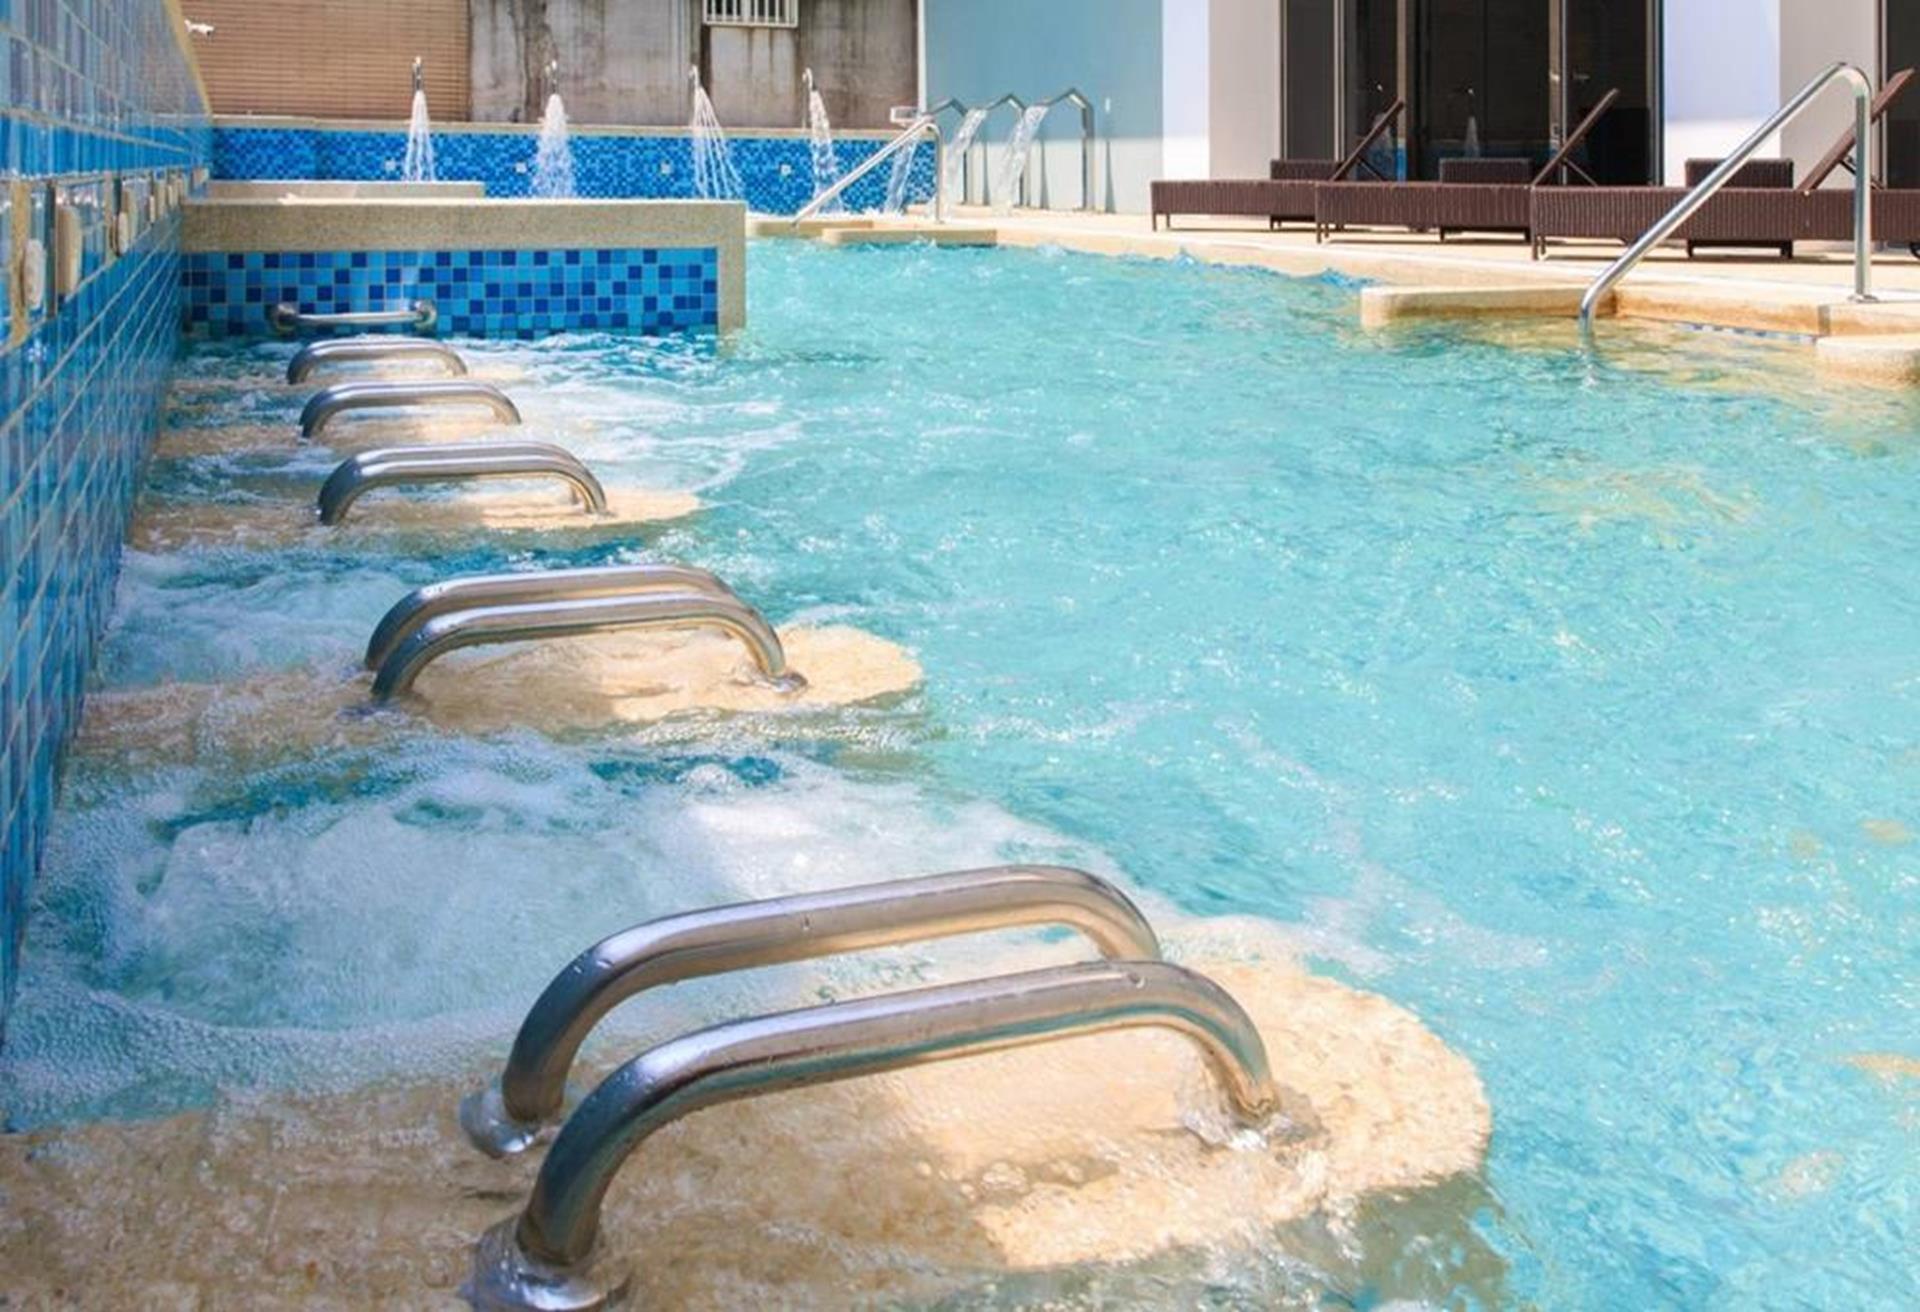 宜蘭礁溪親子飯店 品文旅 親子溫泉旅館